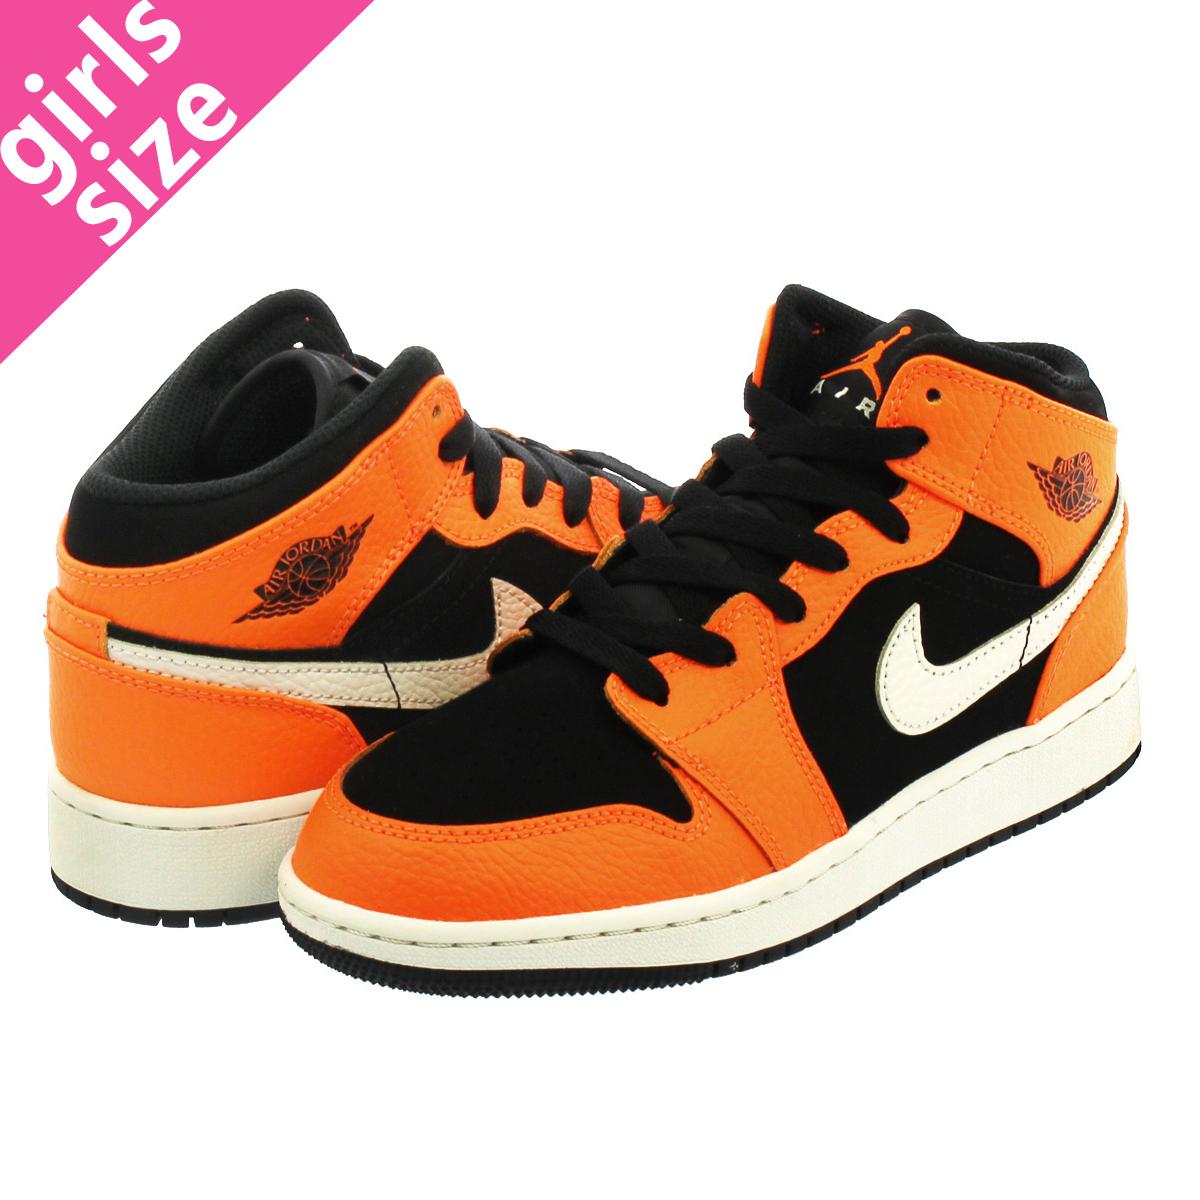 ec2c477767f NIKE AIR JORDAN 1 MID BG Nike Air Jordan 1 mid BG BLACK CONE LIGHT  BONE ORANGE 554